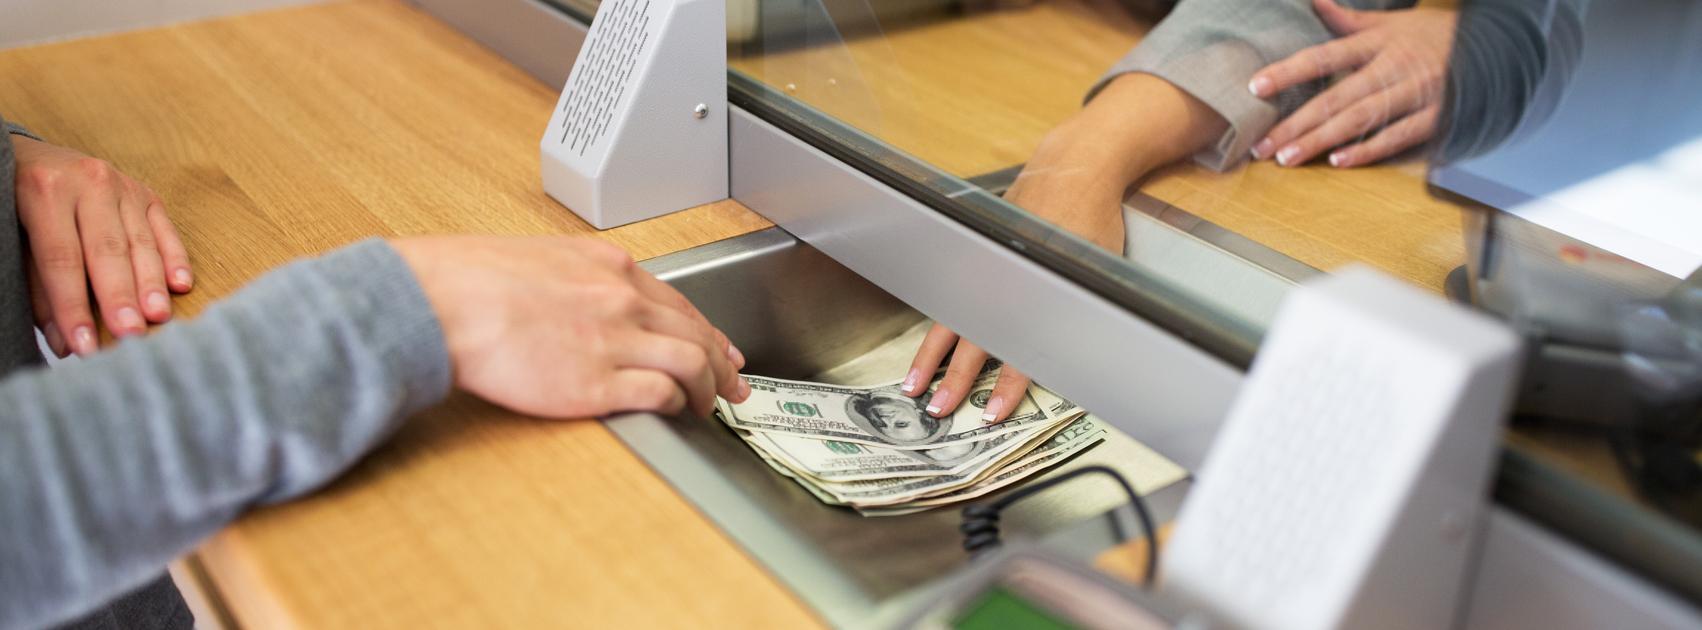 tener dinero en su banco